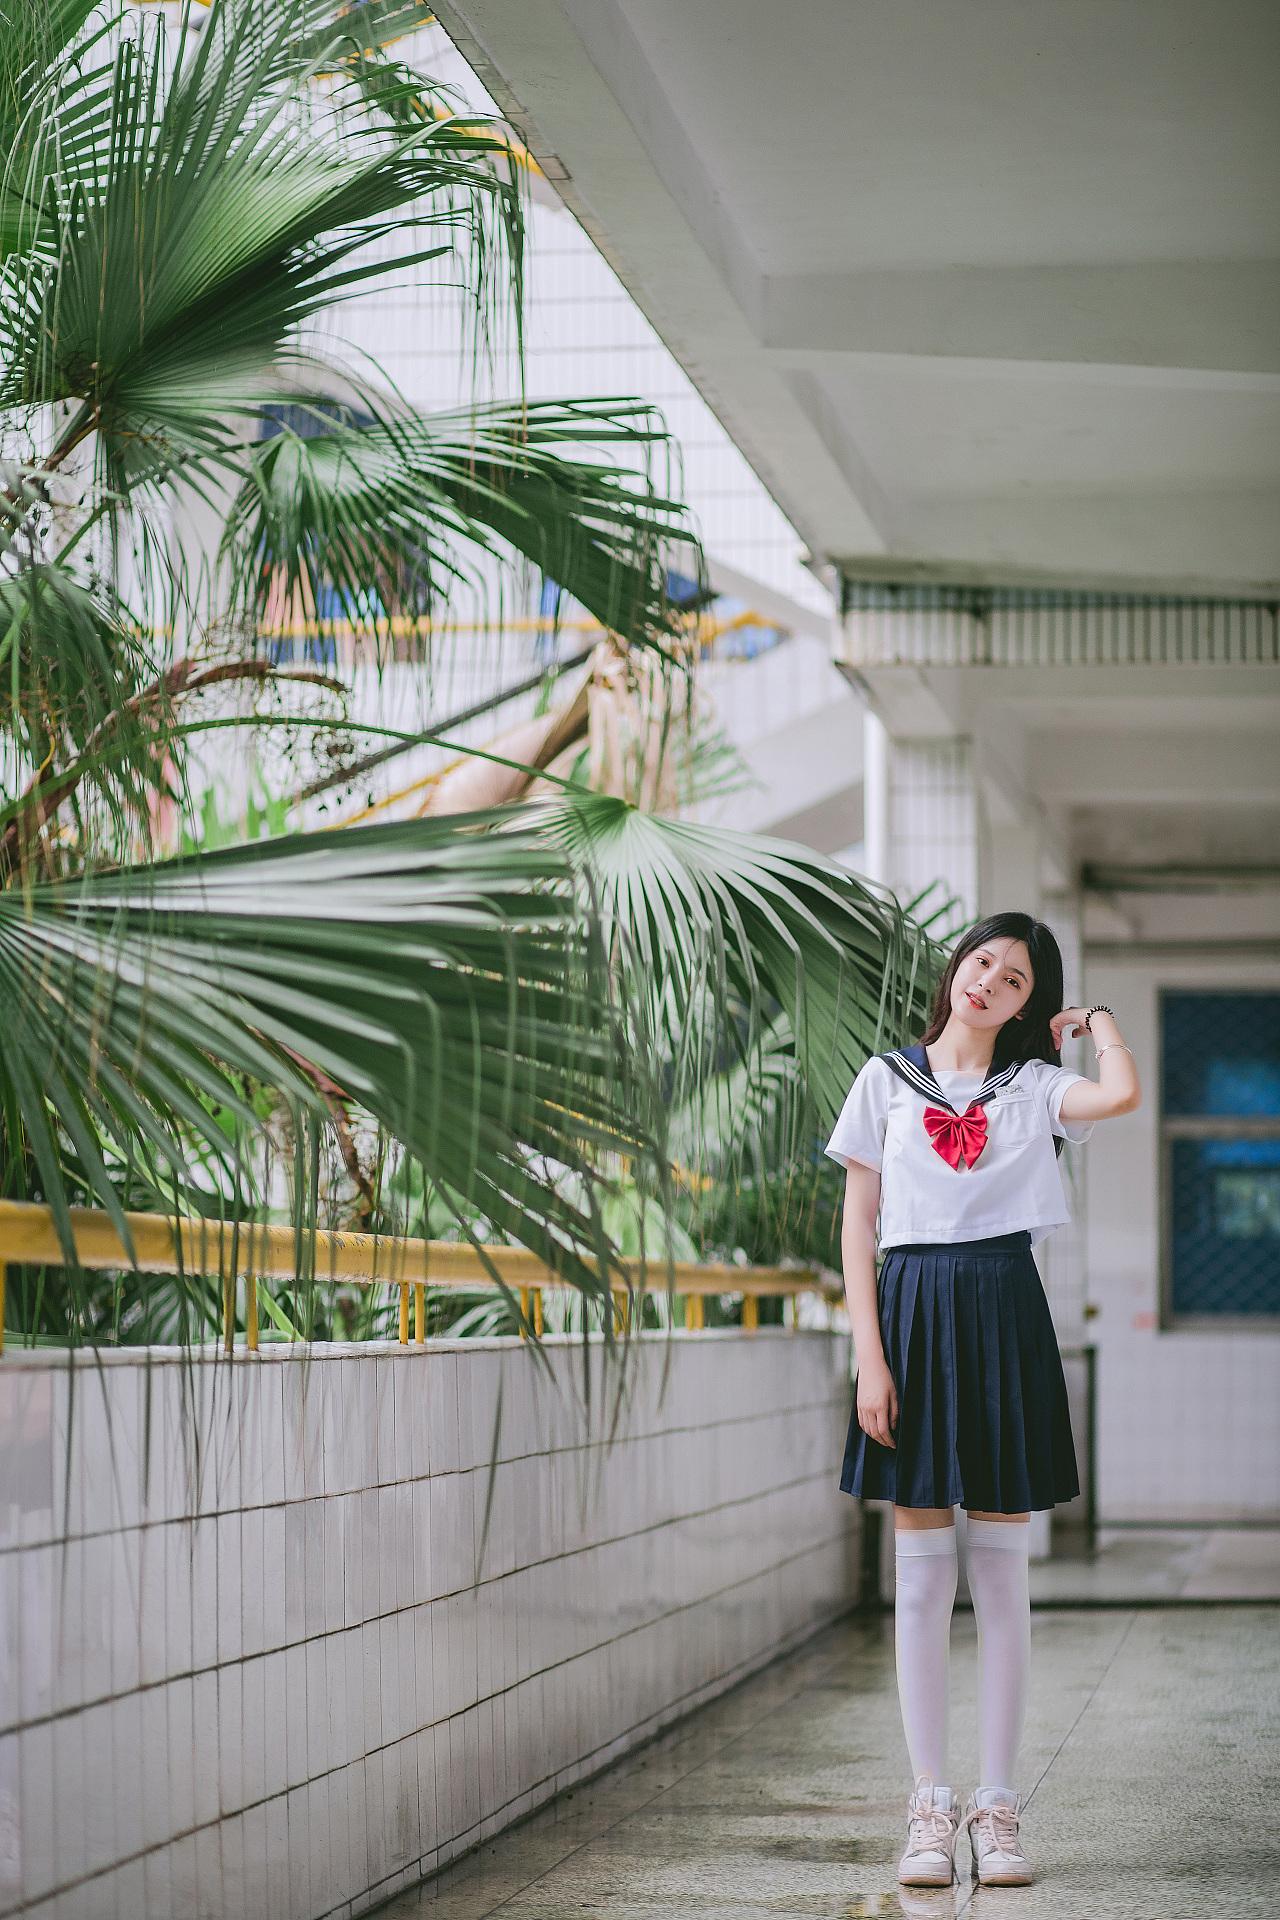 日系校园风格图片高清 日系壁纸